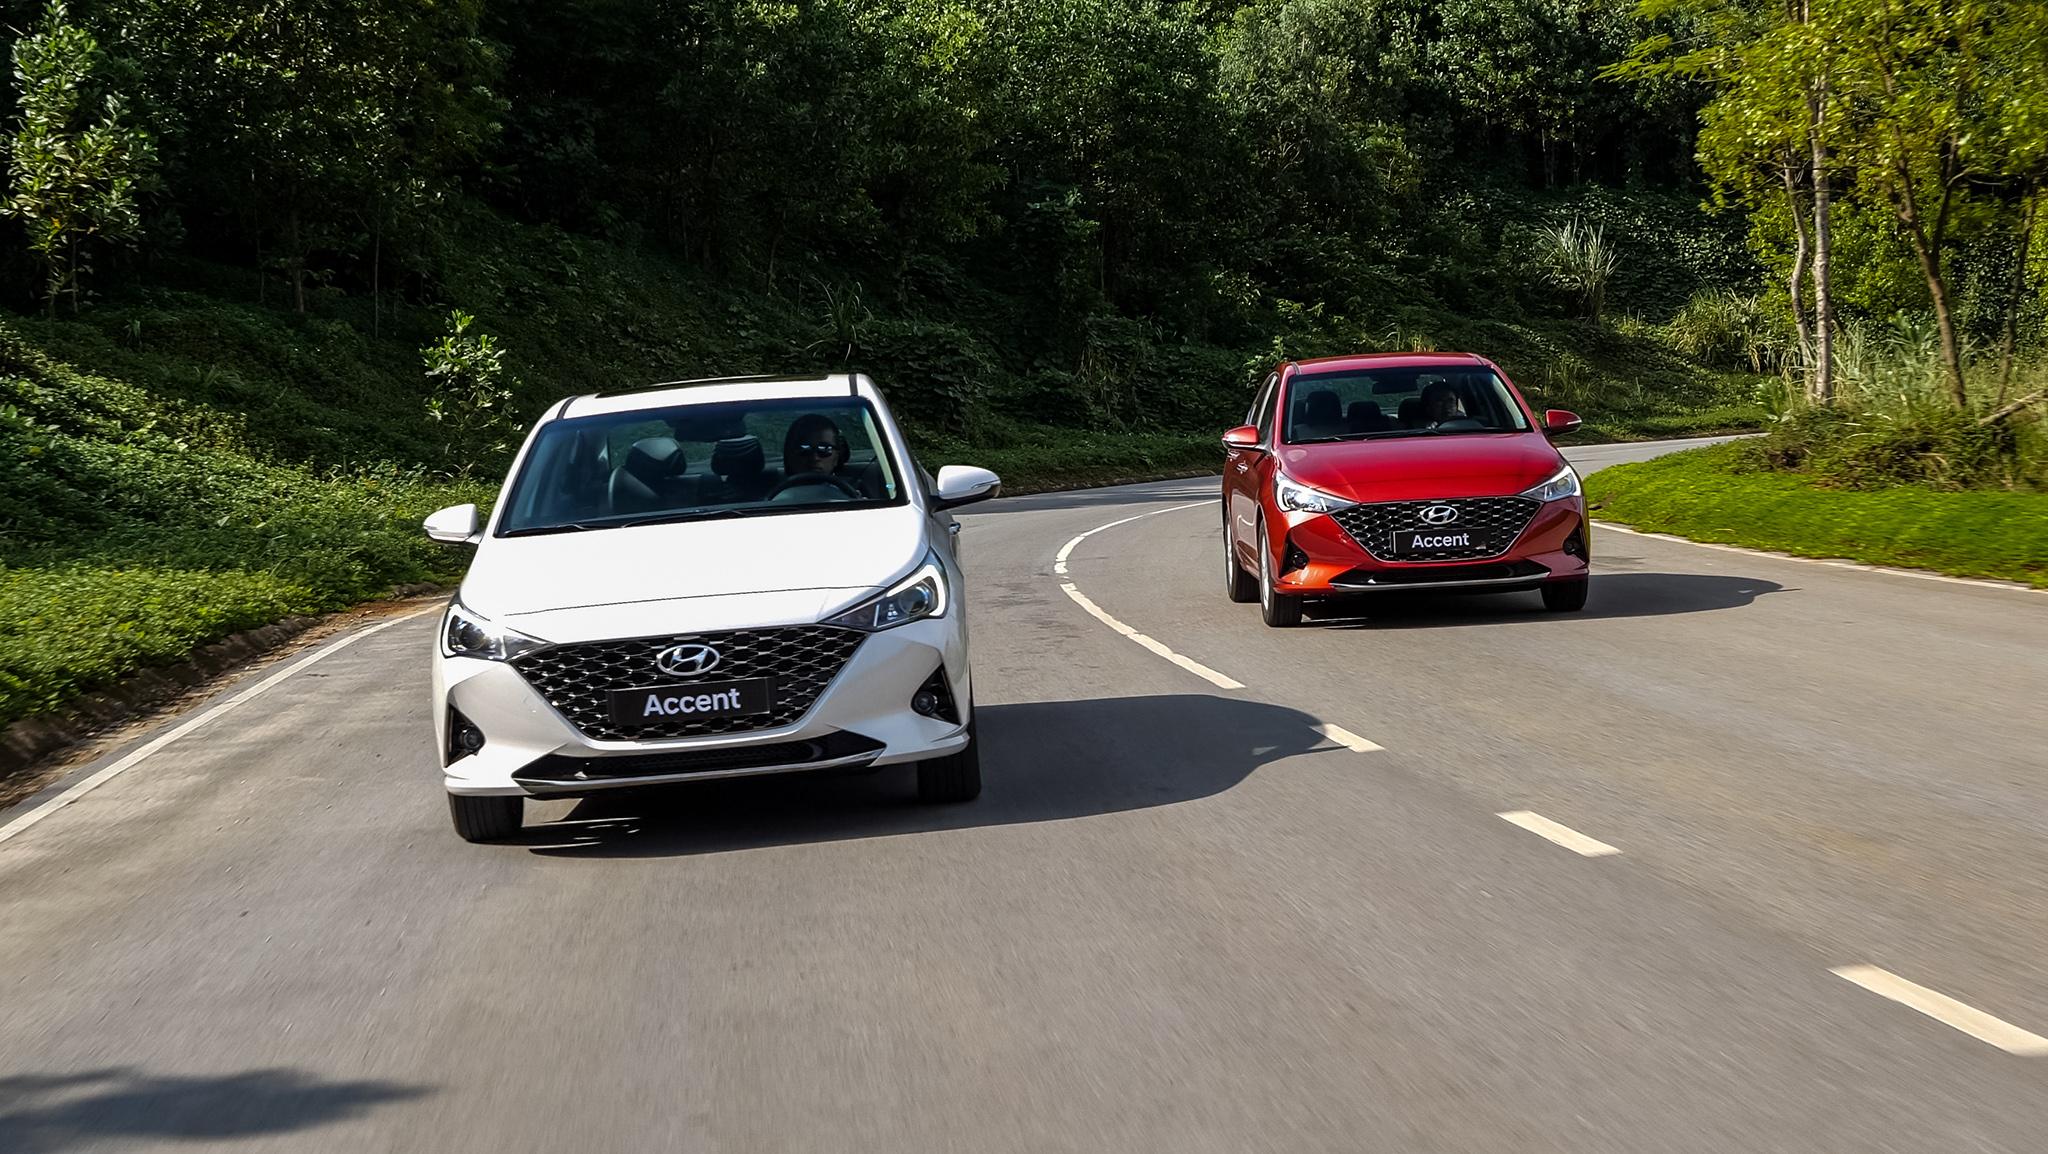 Hyundai Accent đạt doanh số hơn 3.200 xe bán ra trong tháng 12/2020 hyundai-accent-5.jpg